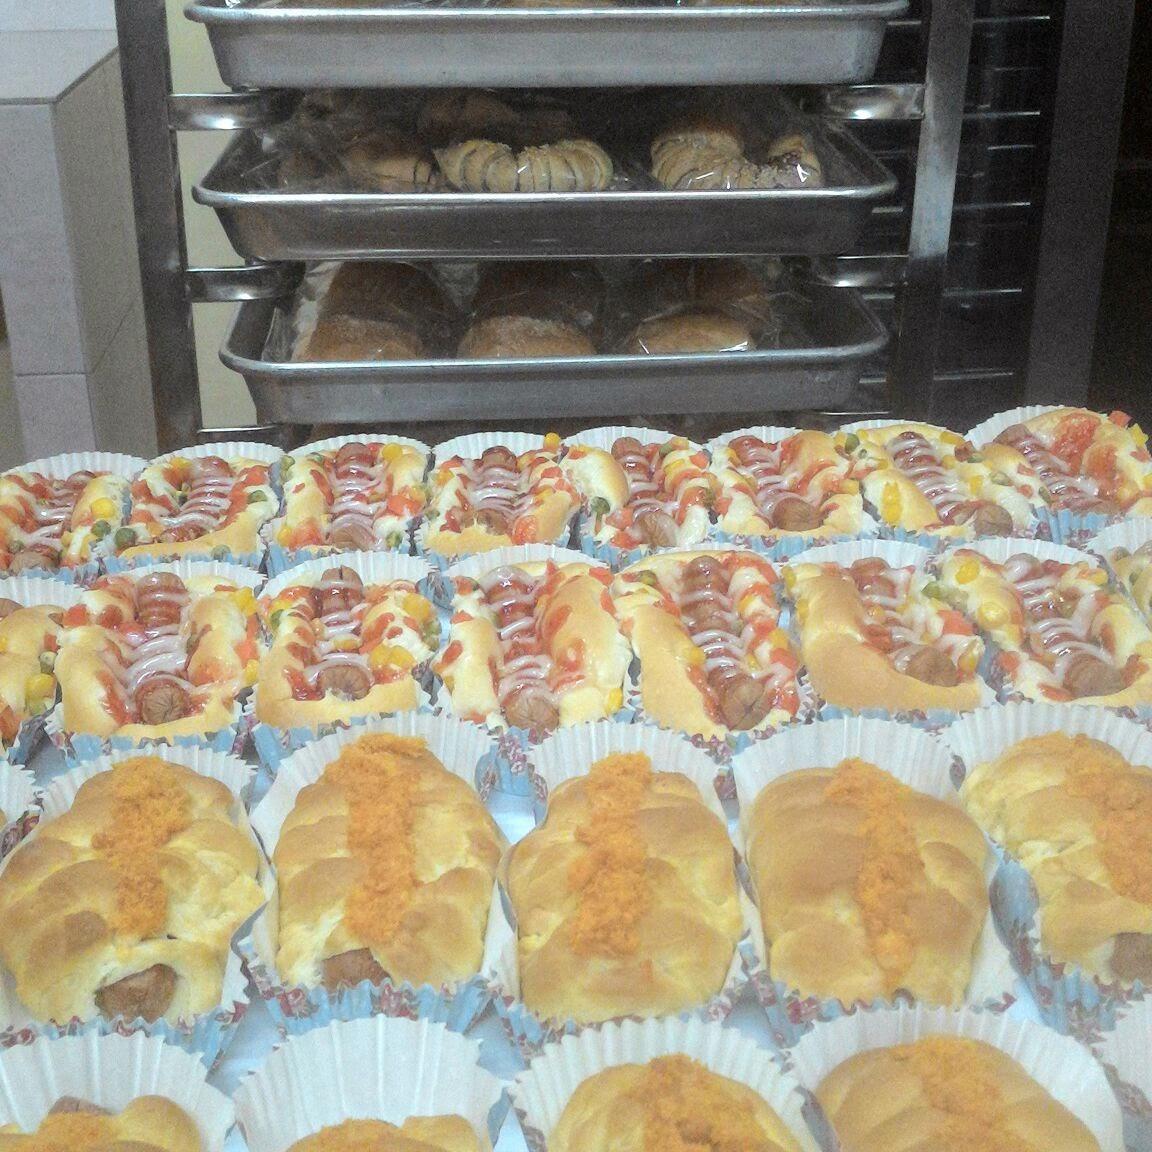 wanie kelas roti